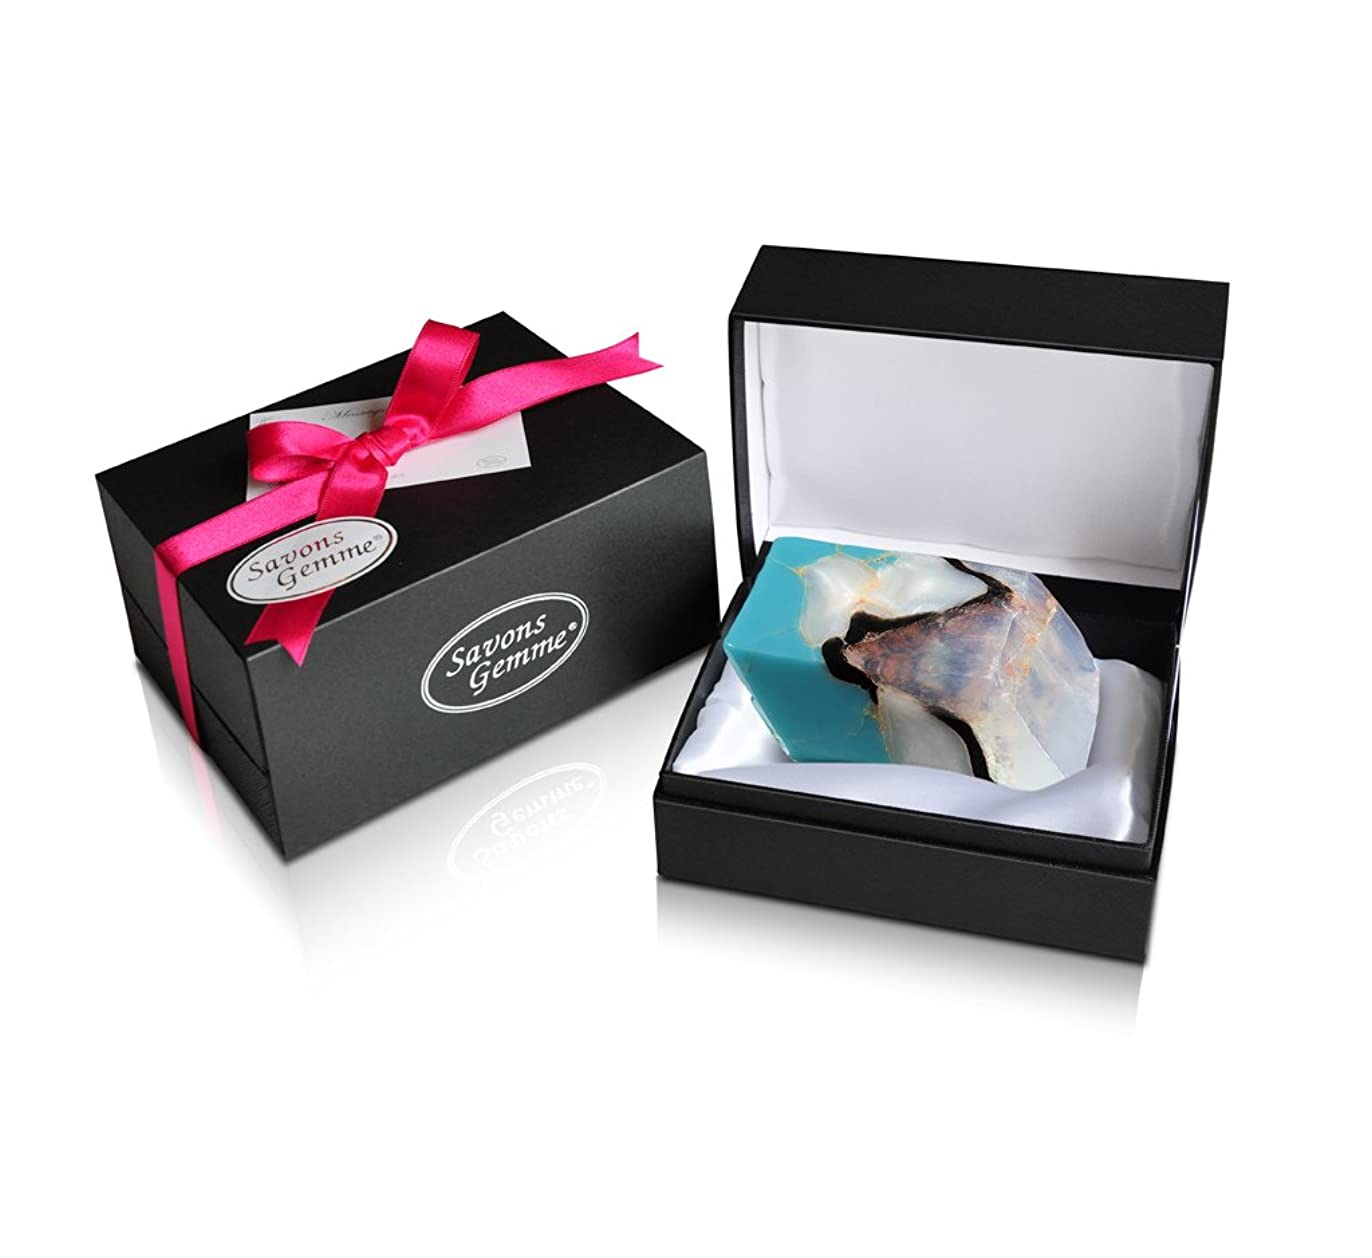 可動先例少ないSavons Gemme サボンジェム ジュエリーギフトボックス 世界で一番美しい宝石石鹸 フレグランス ソープ ターコイズ 170g